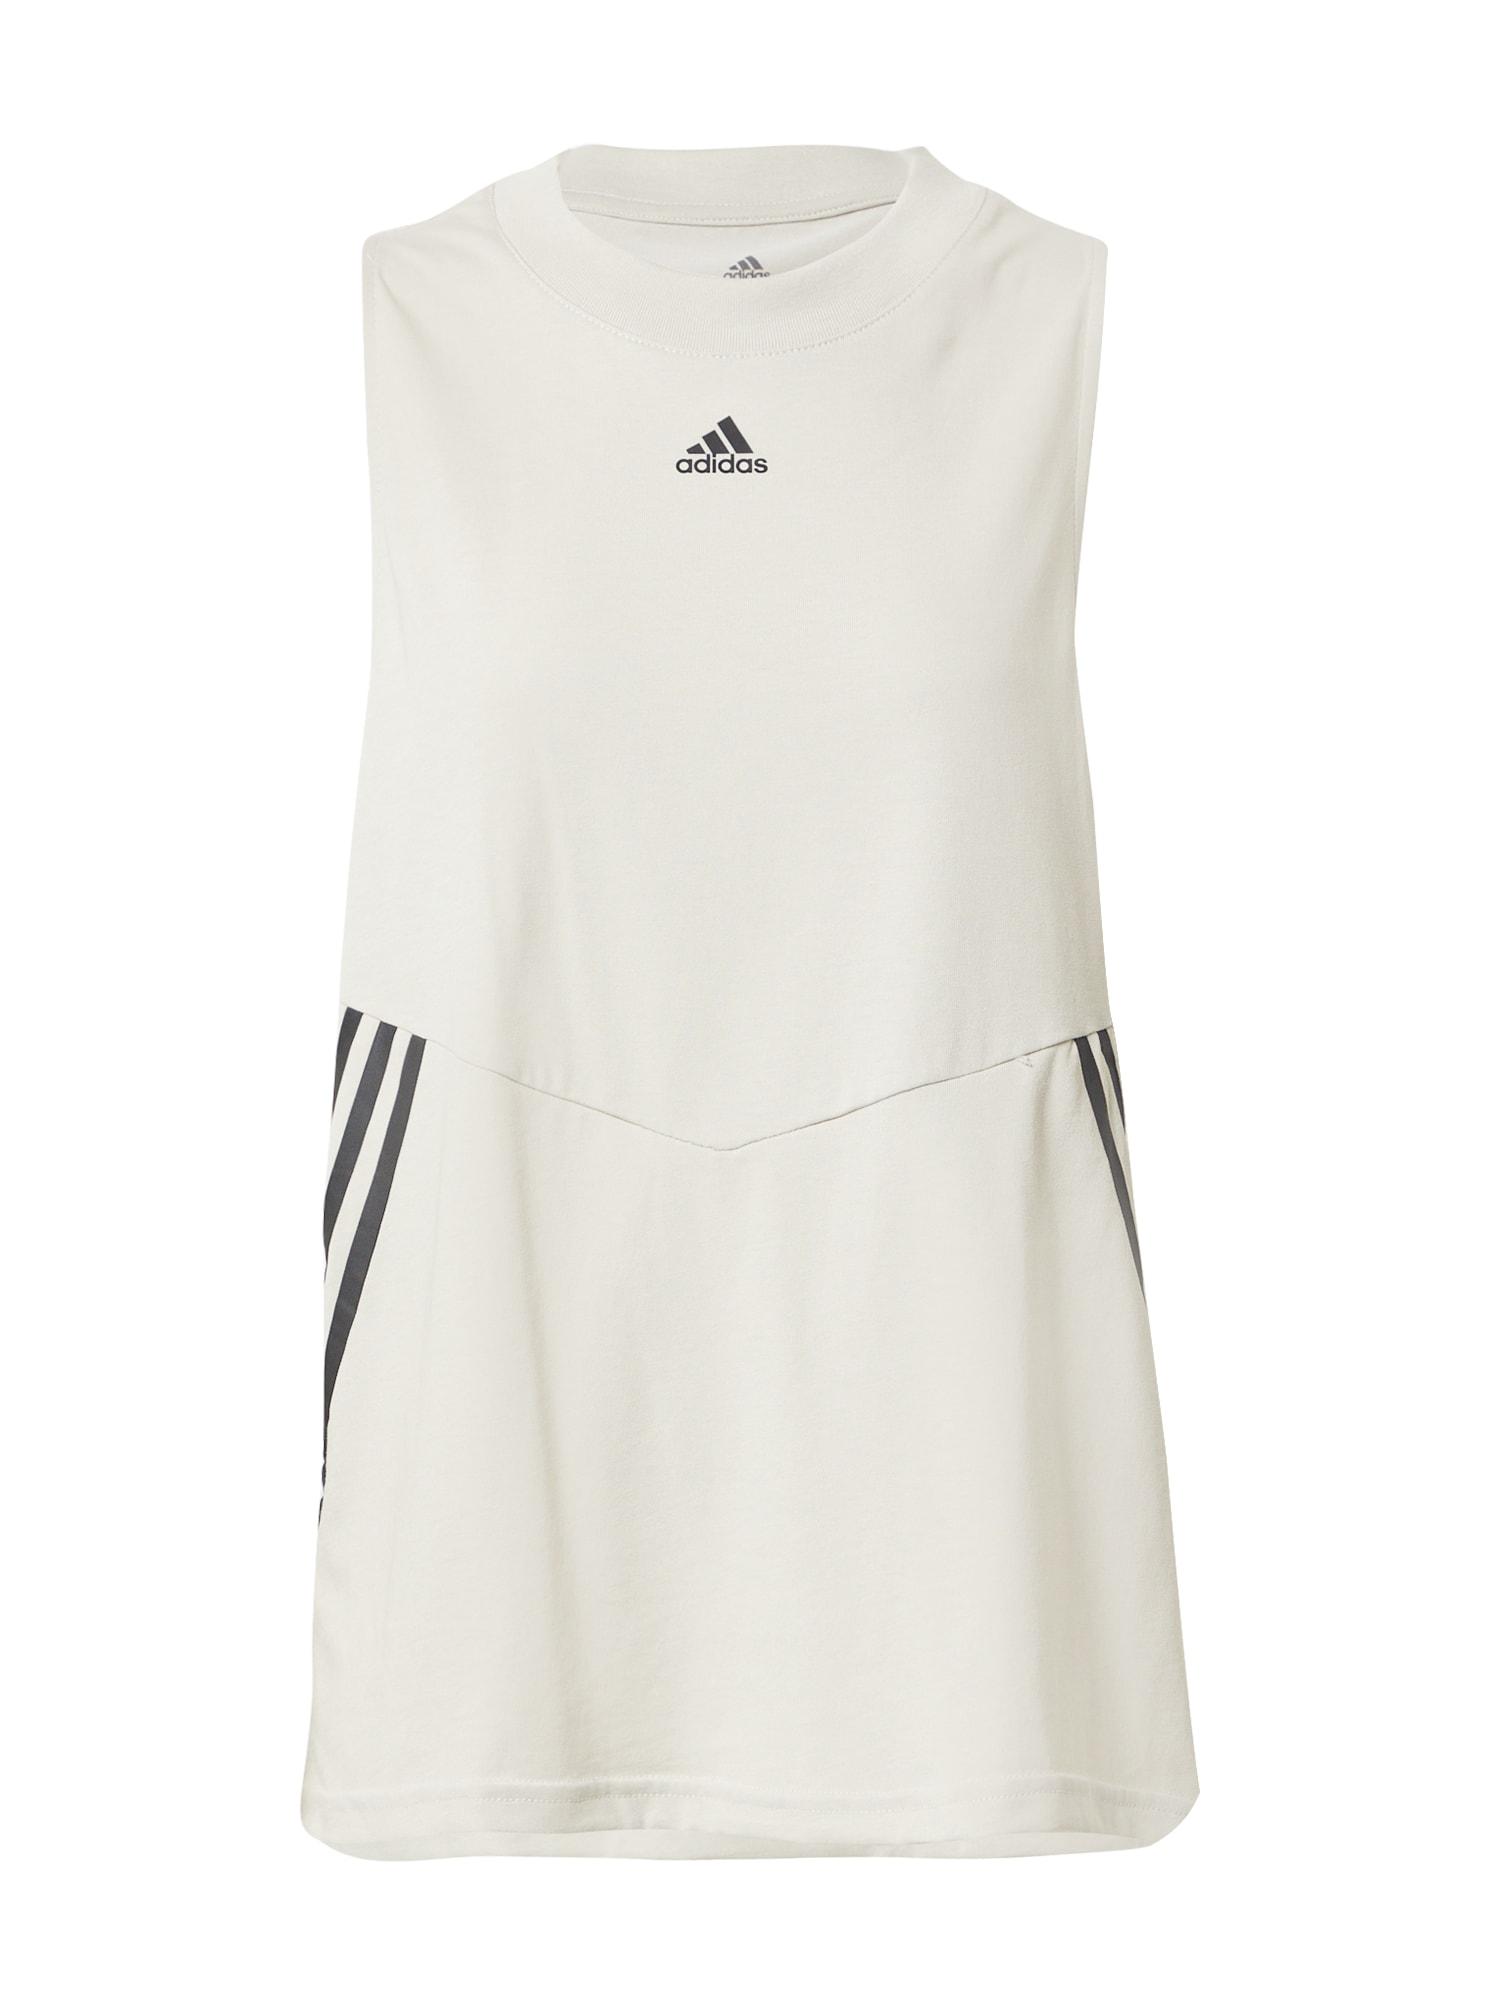 ADIDAS PERFORMANCE Sportiniai marškinėliai be rankovių šviesiai pilka / juoda